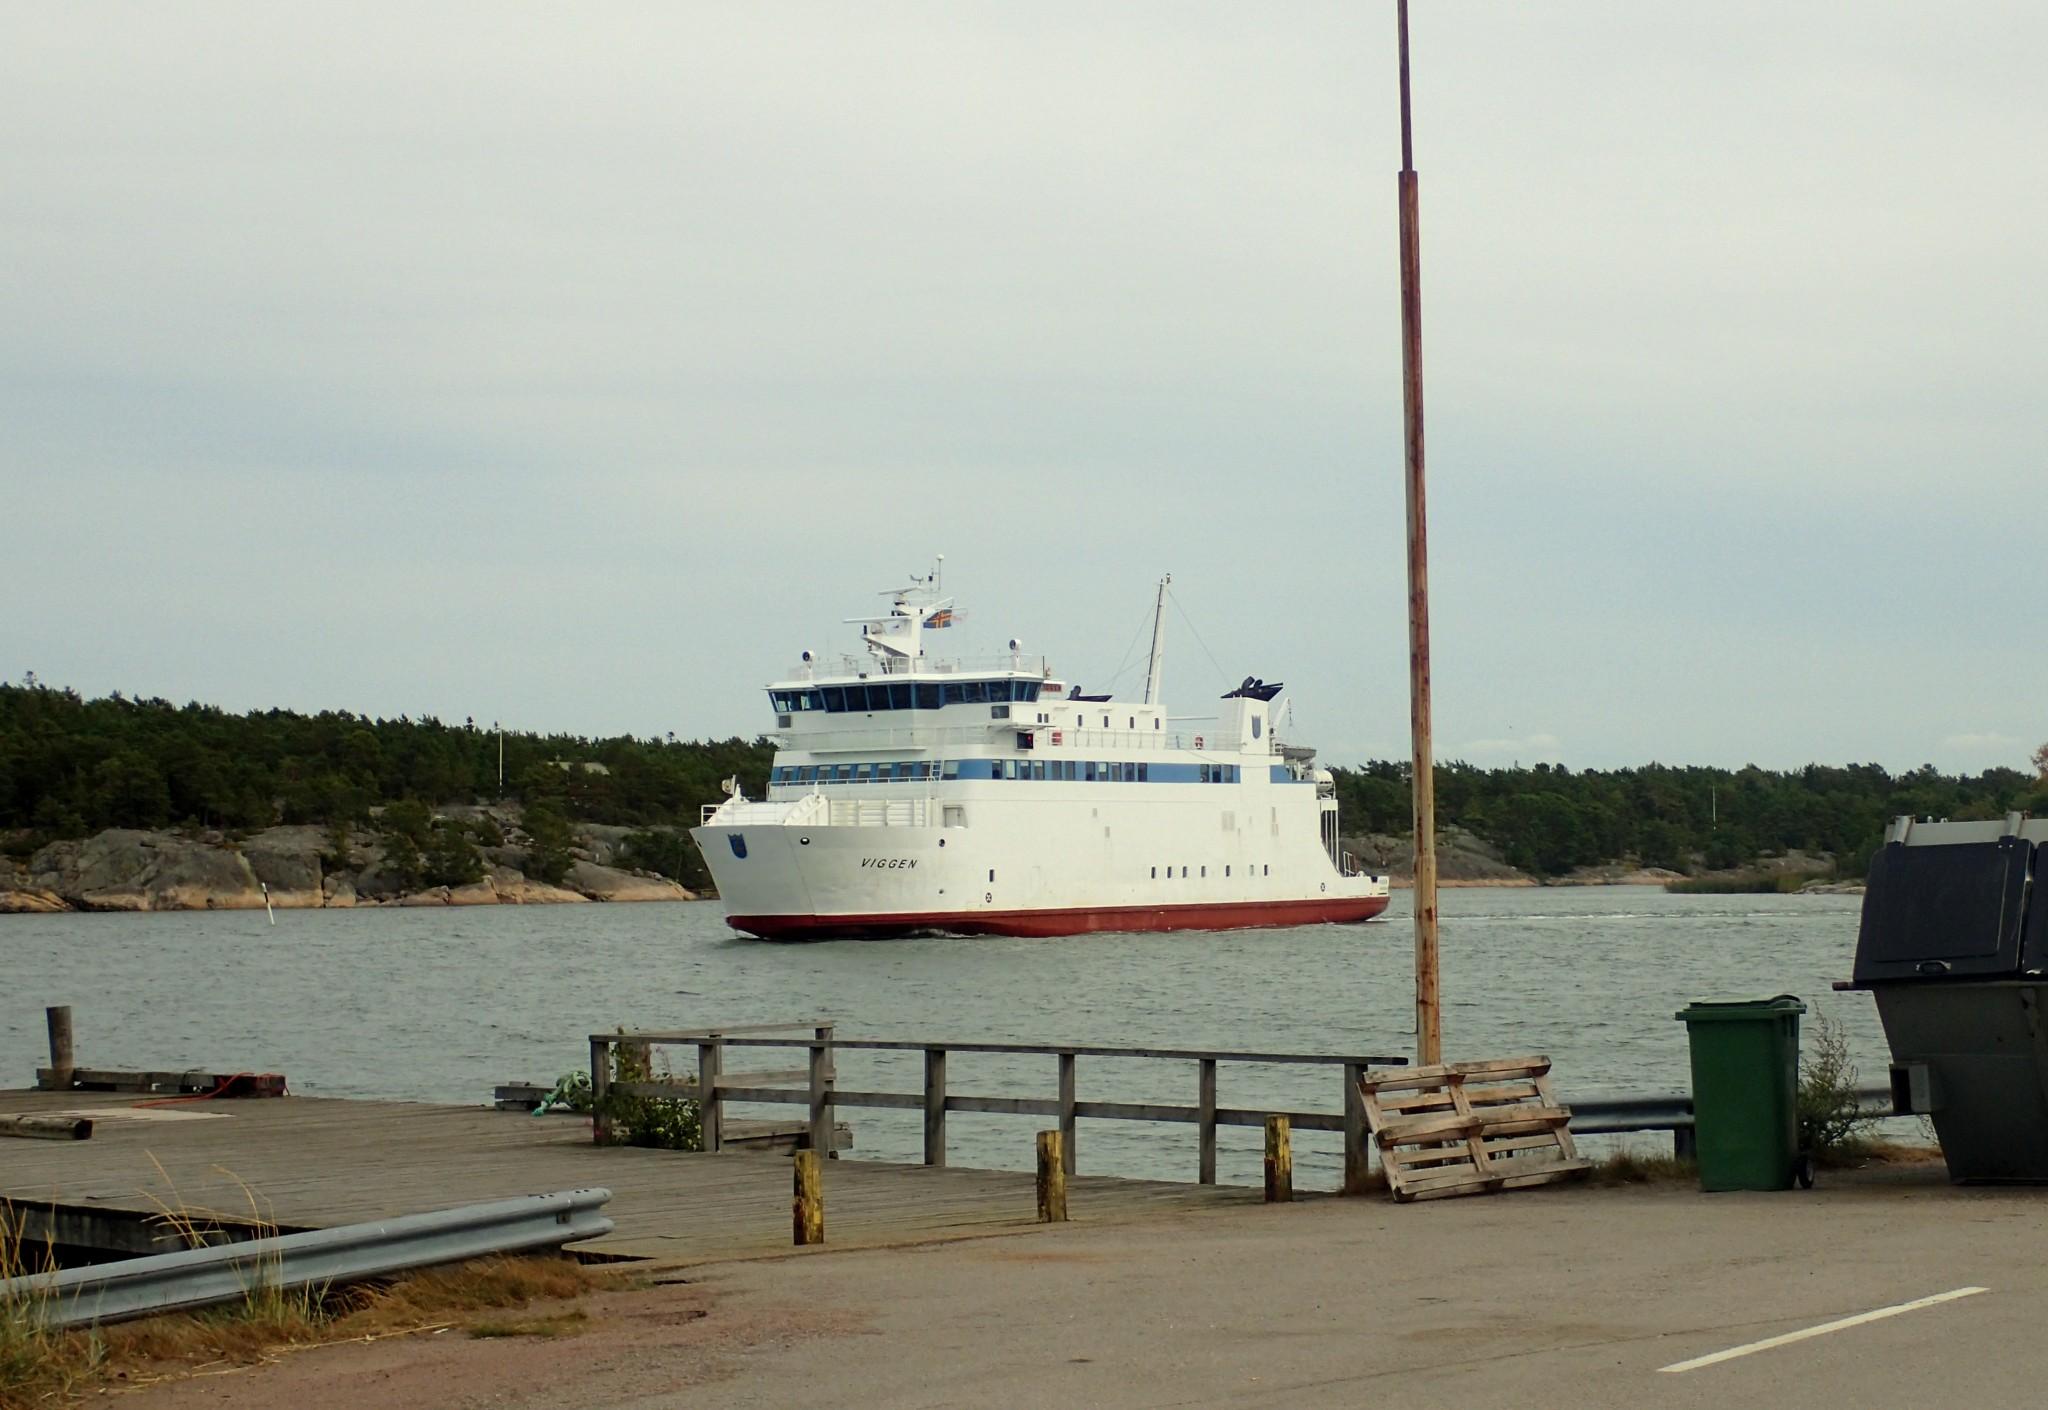 M/S Viggen liikenöi Vuosnaisten ja Åvan väliä